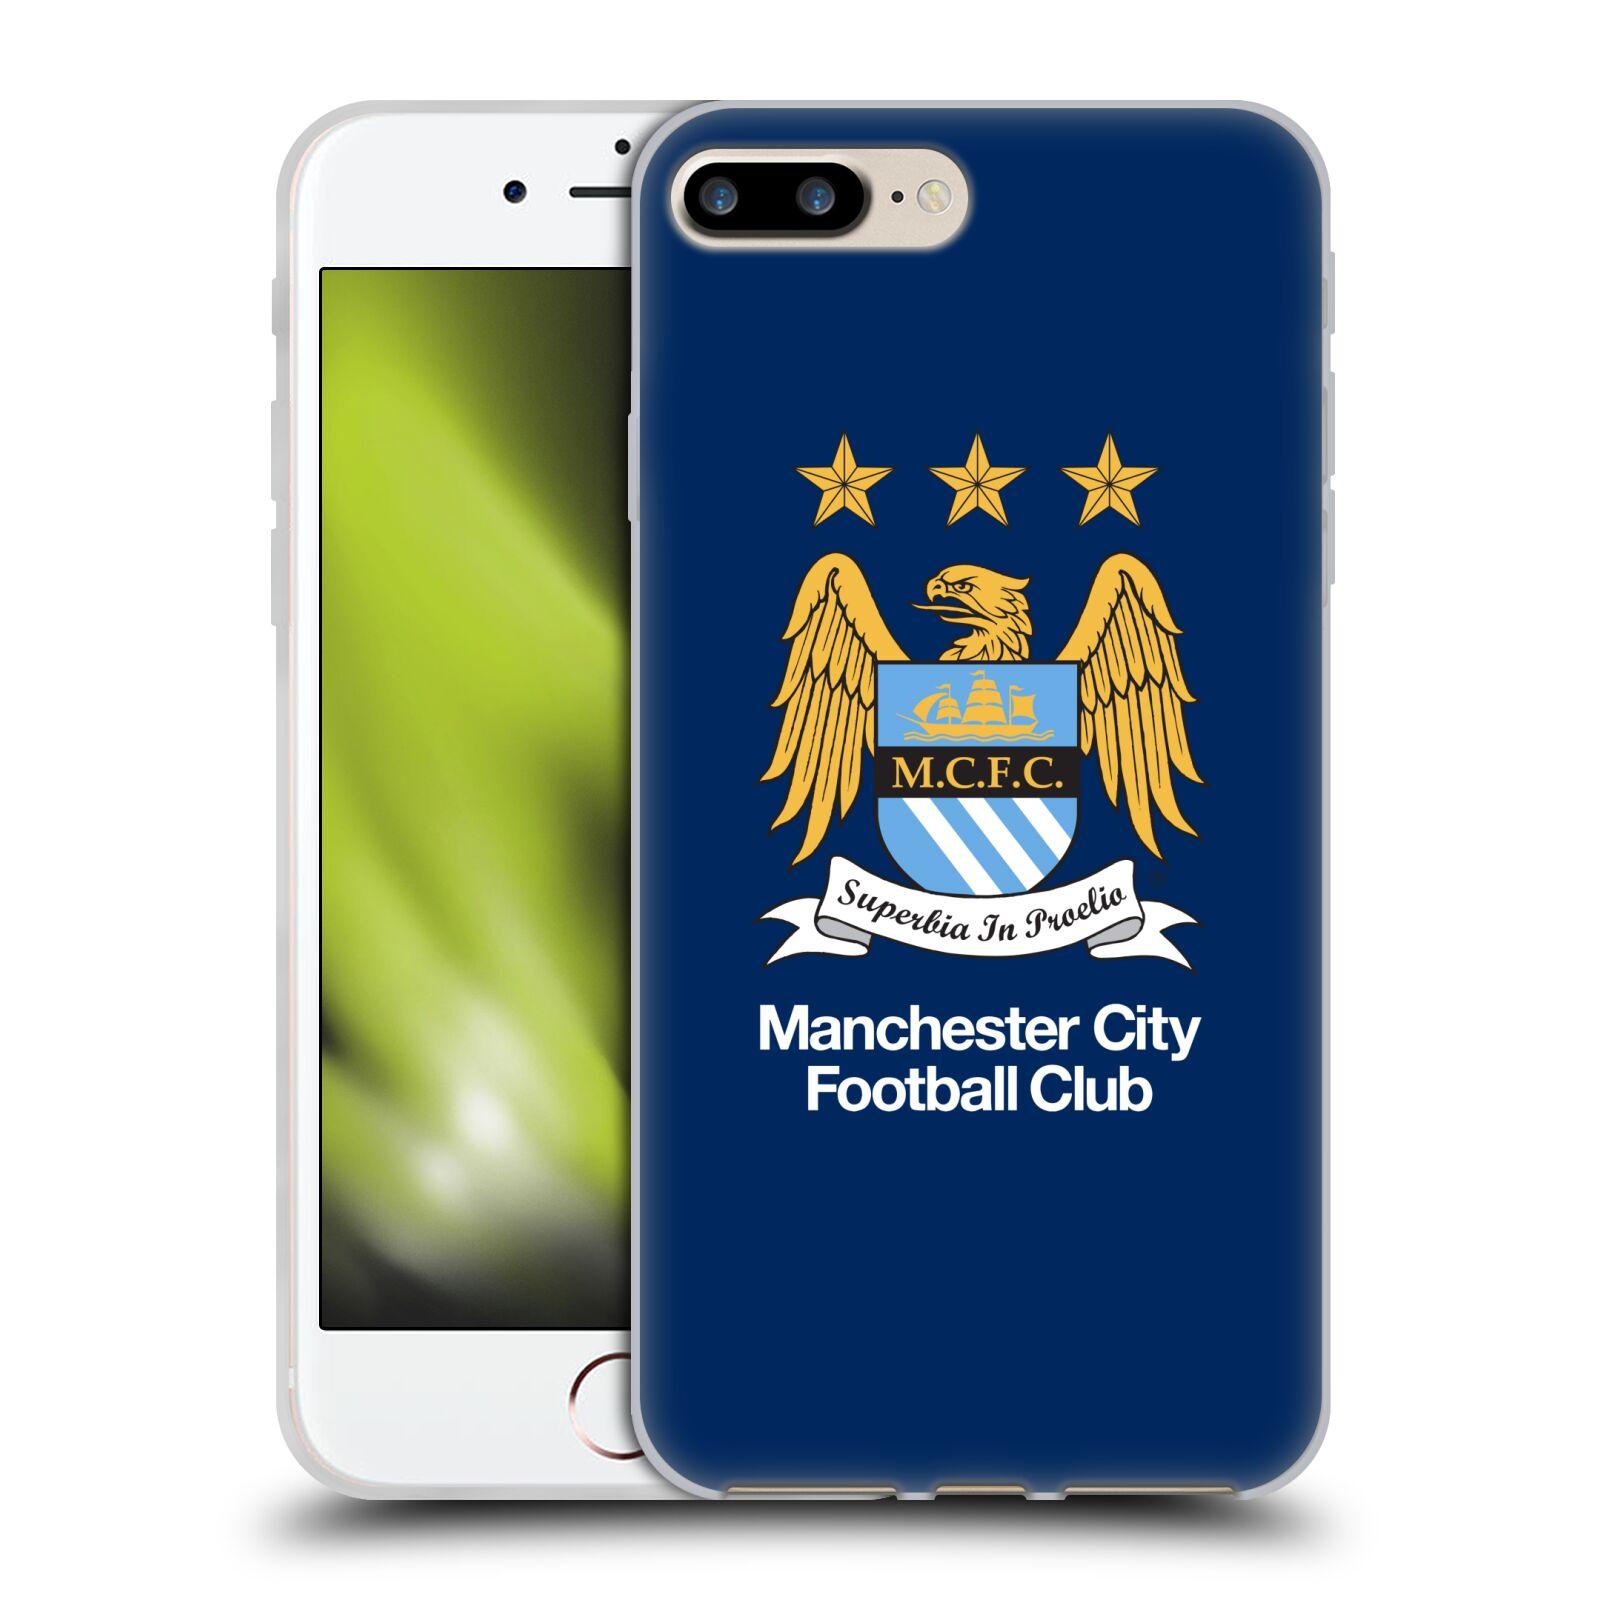 HEAD CASE silikonový obal na mobil Apple Iphone 7 PLUS Fotbalový klub Manchester City modré pozadí velký znak